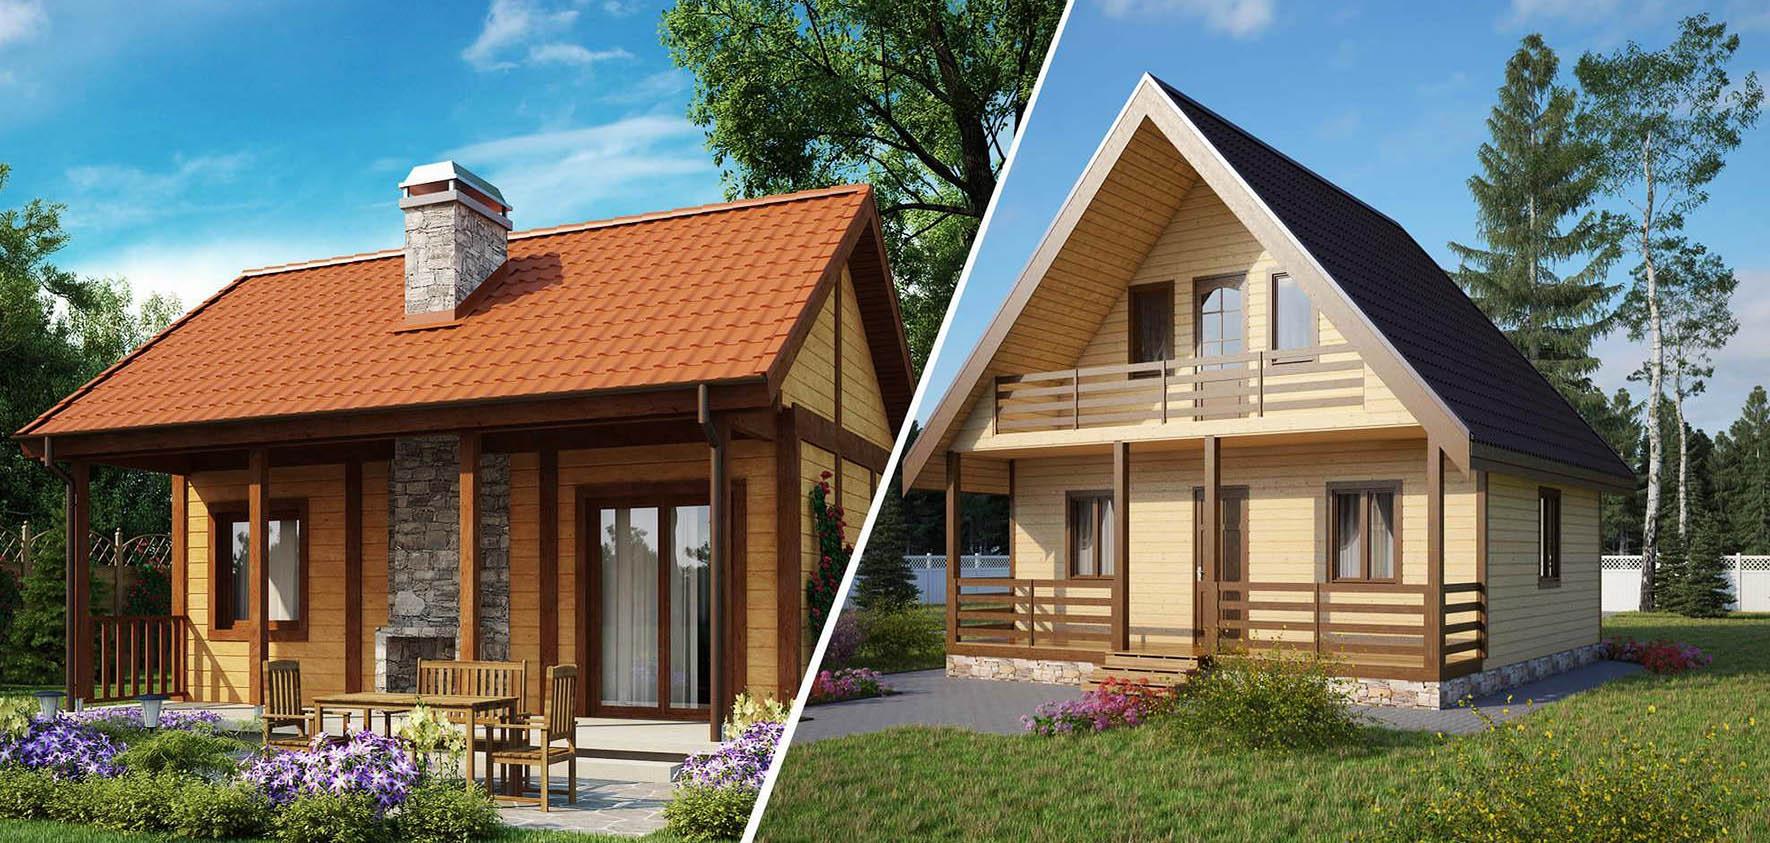 Дача и дом в чем разница